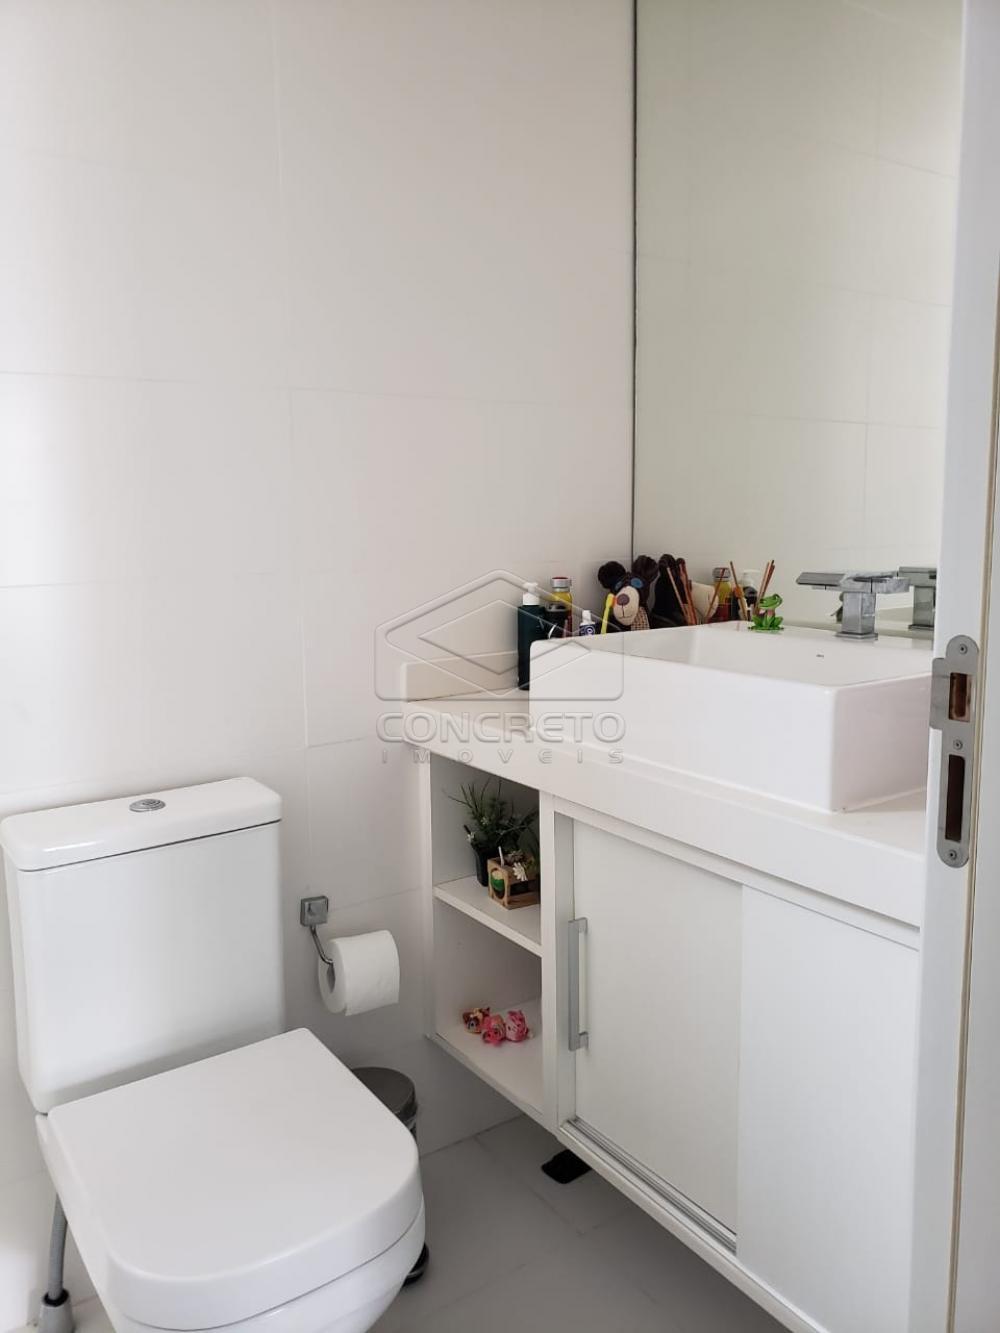 Comprar Apartamento / Padrão em Bauru R$ 650.000,00 - Foto 13